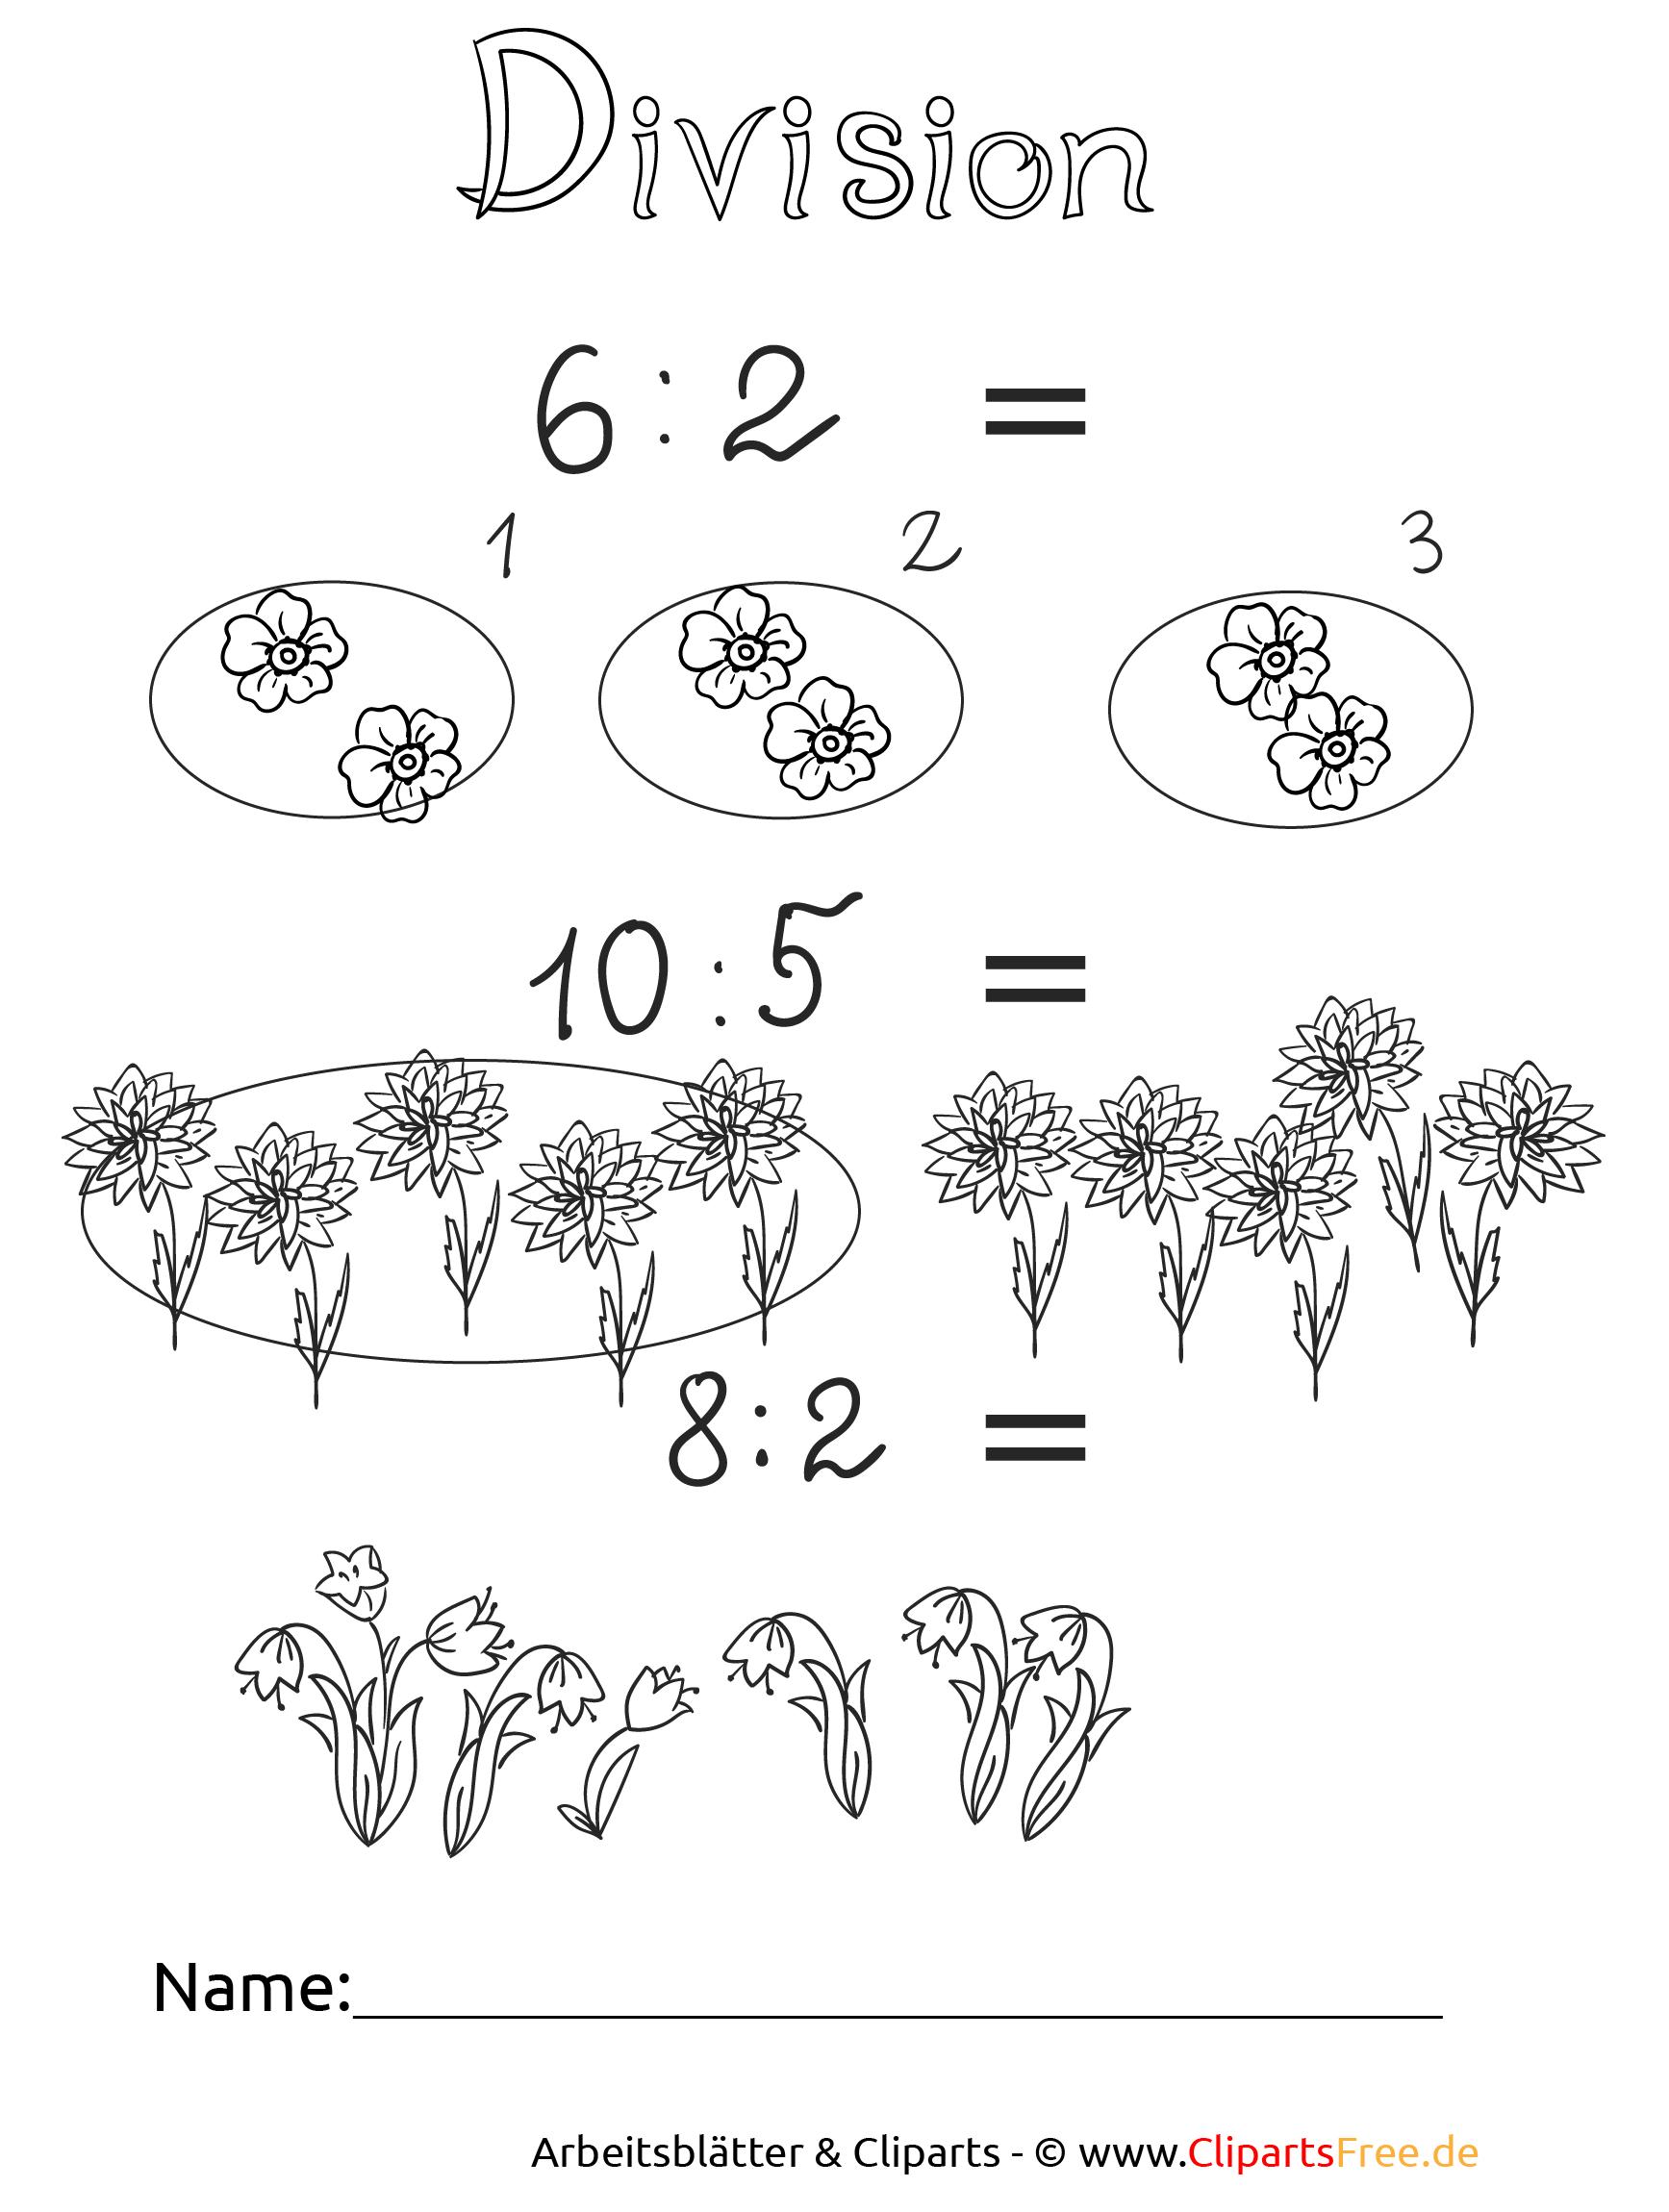 Mathematik Aufgaben Dividieren Druckvorlage